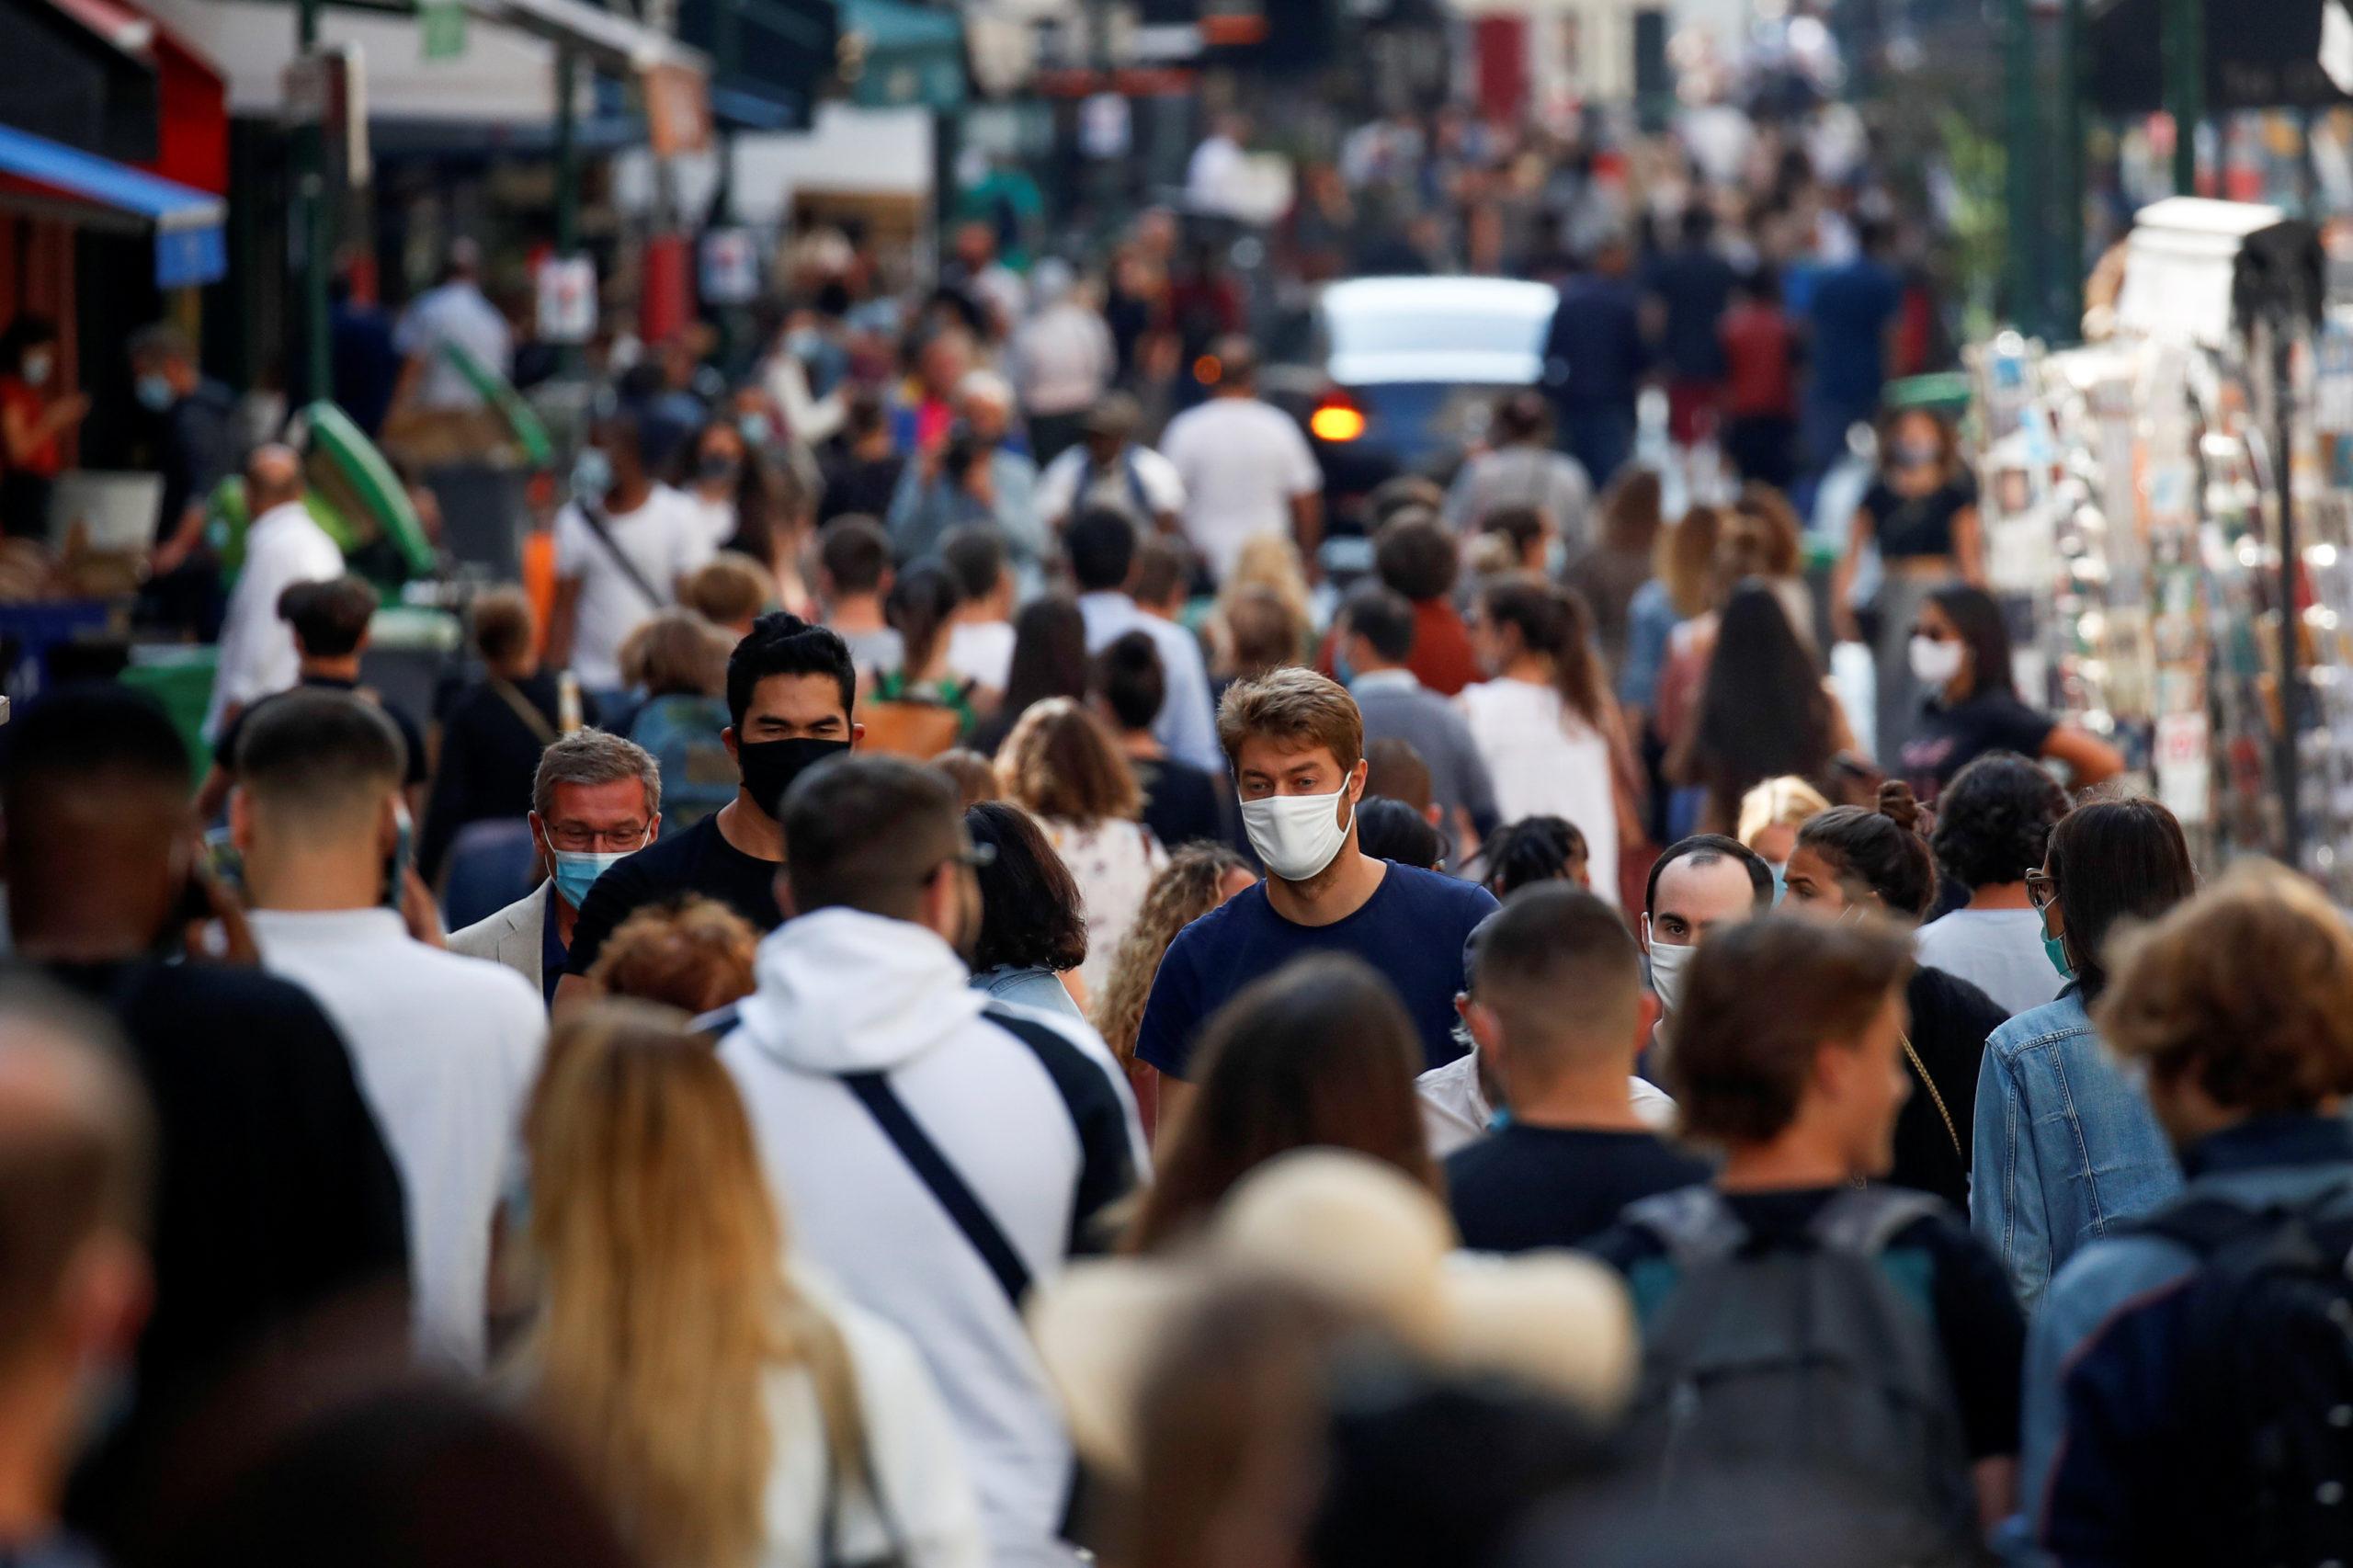 Pas encore de reprise de la surmortalité due au coronavirus, selon l'Insee